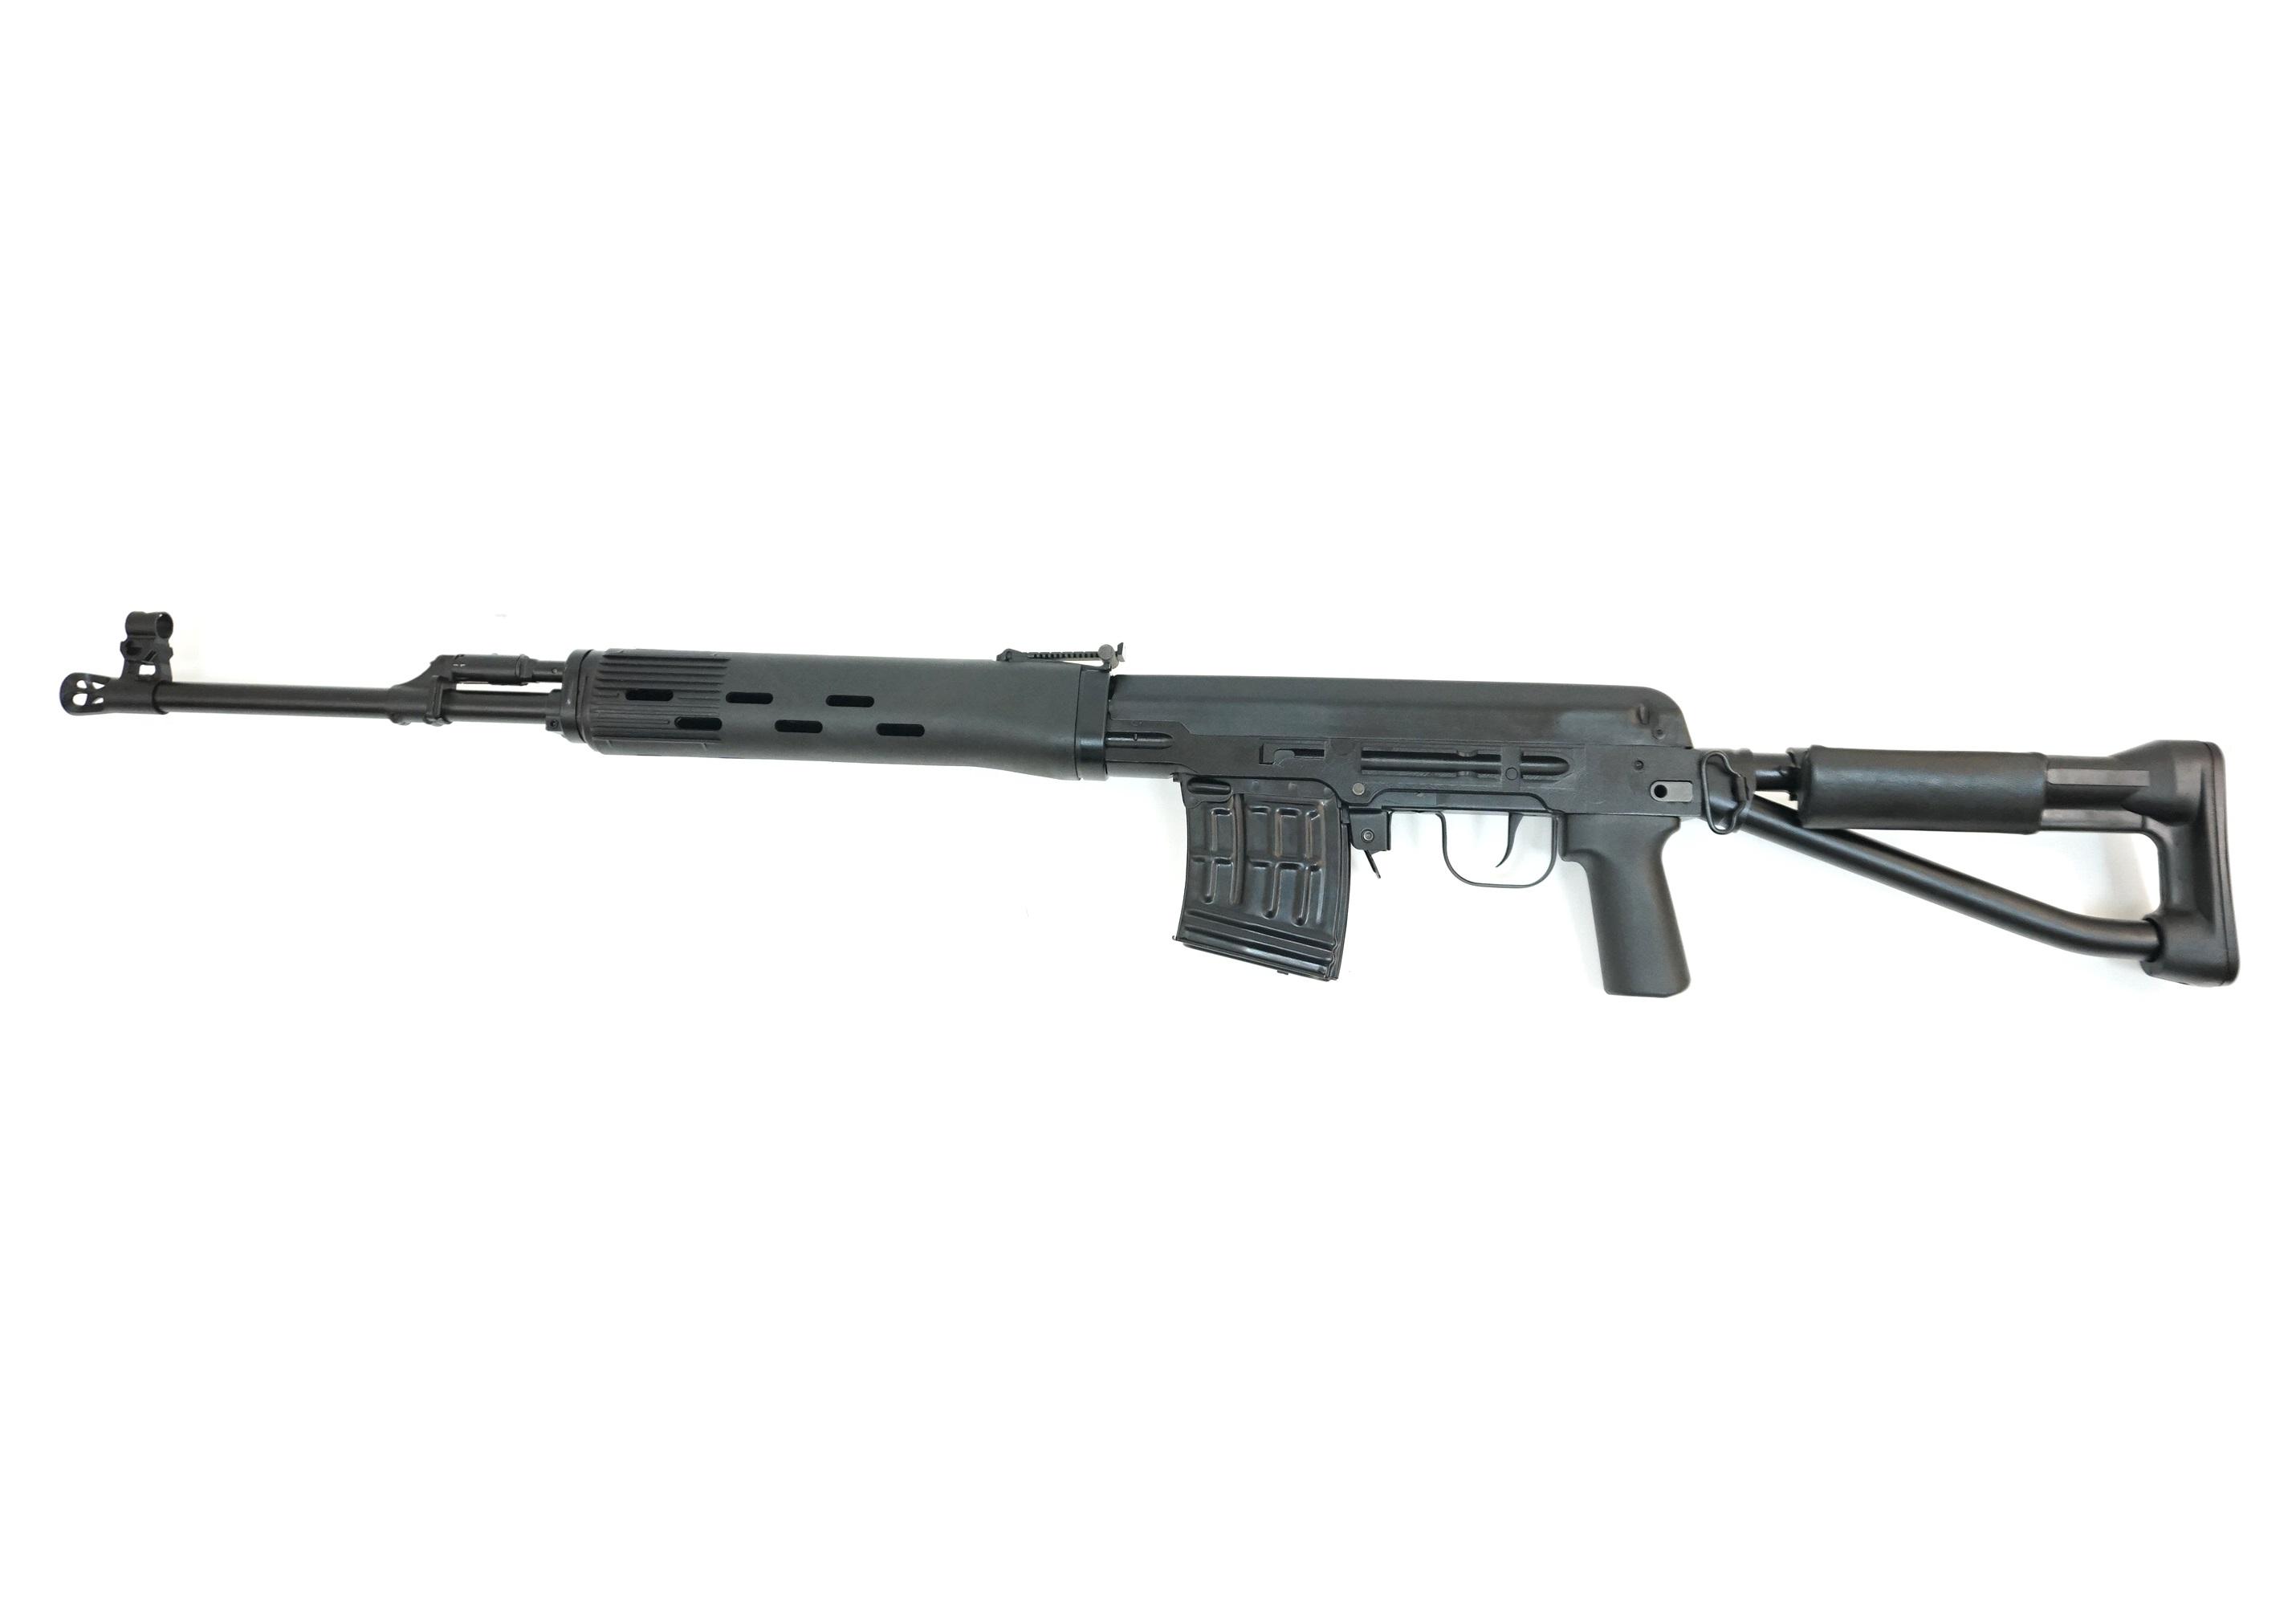 Снайперская винтовка драгунова: какие её модификации были самыми удачными — тестостерон